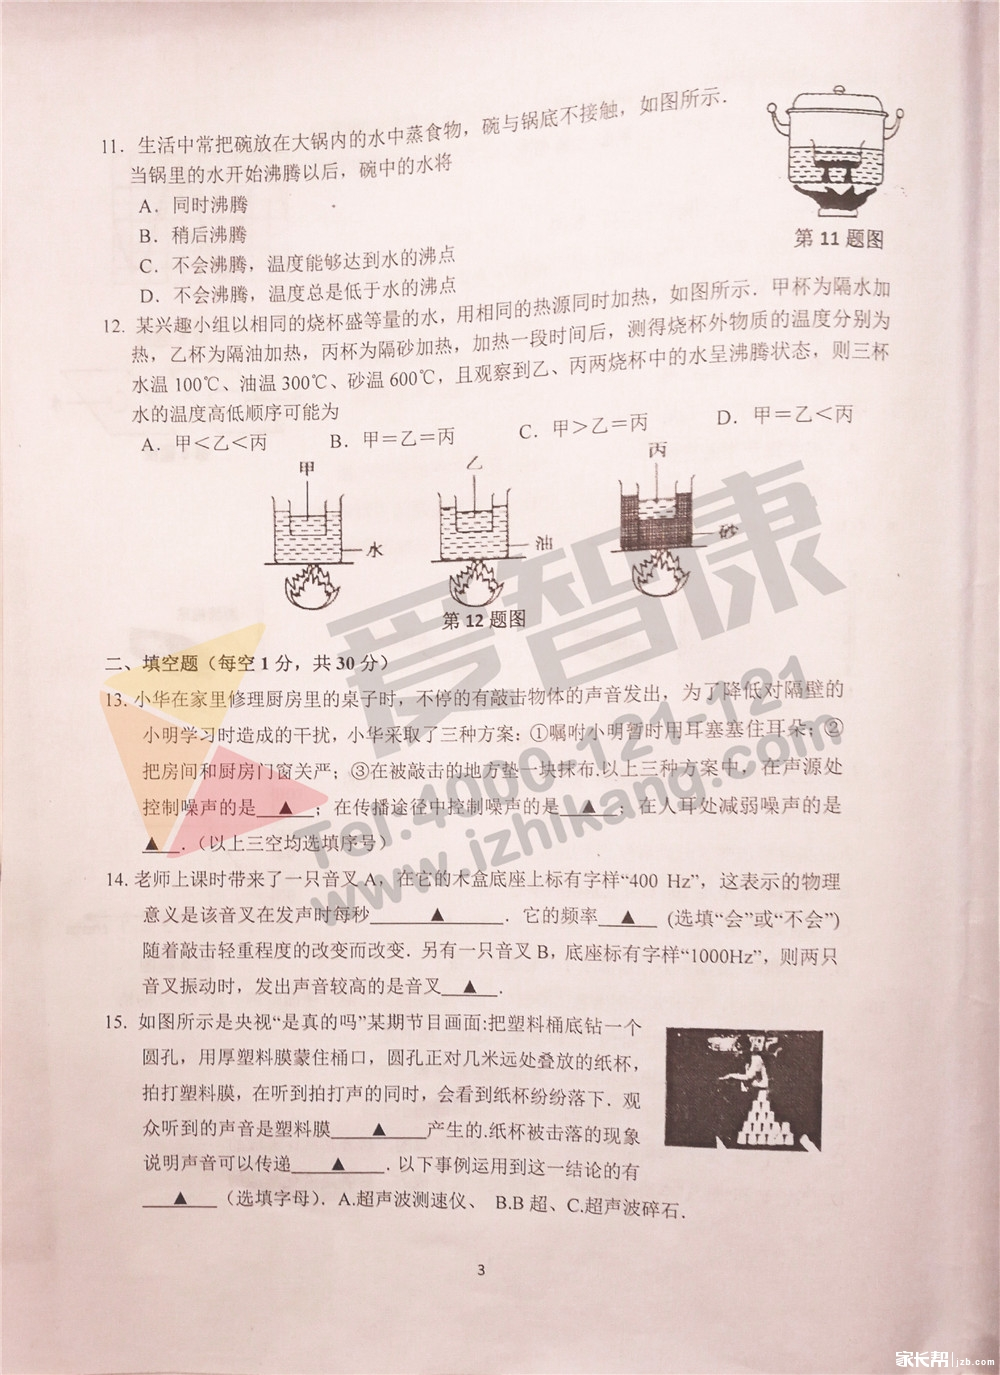 树人初二物理月考试卷-3.jpg